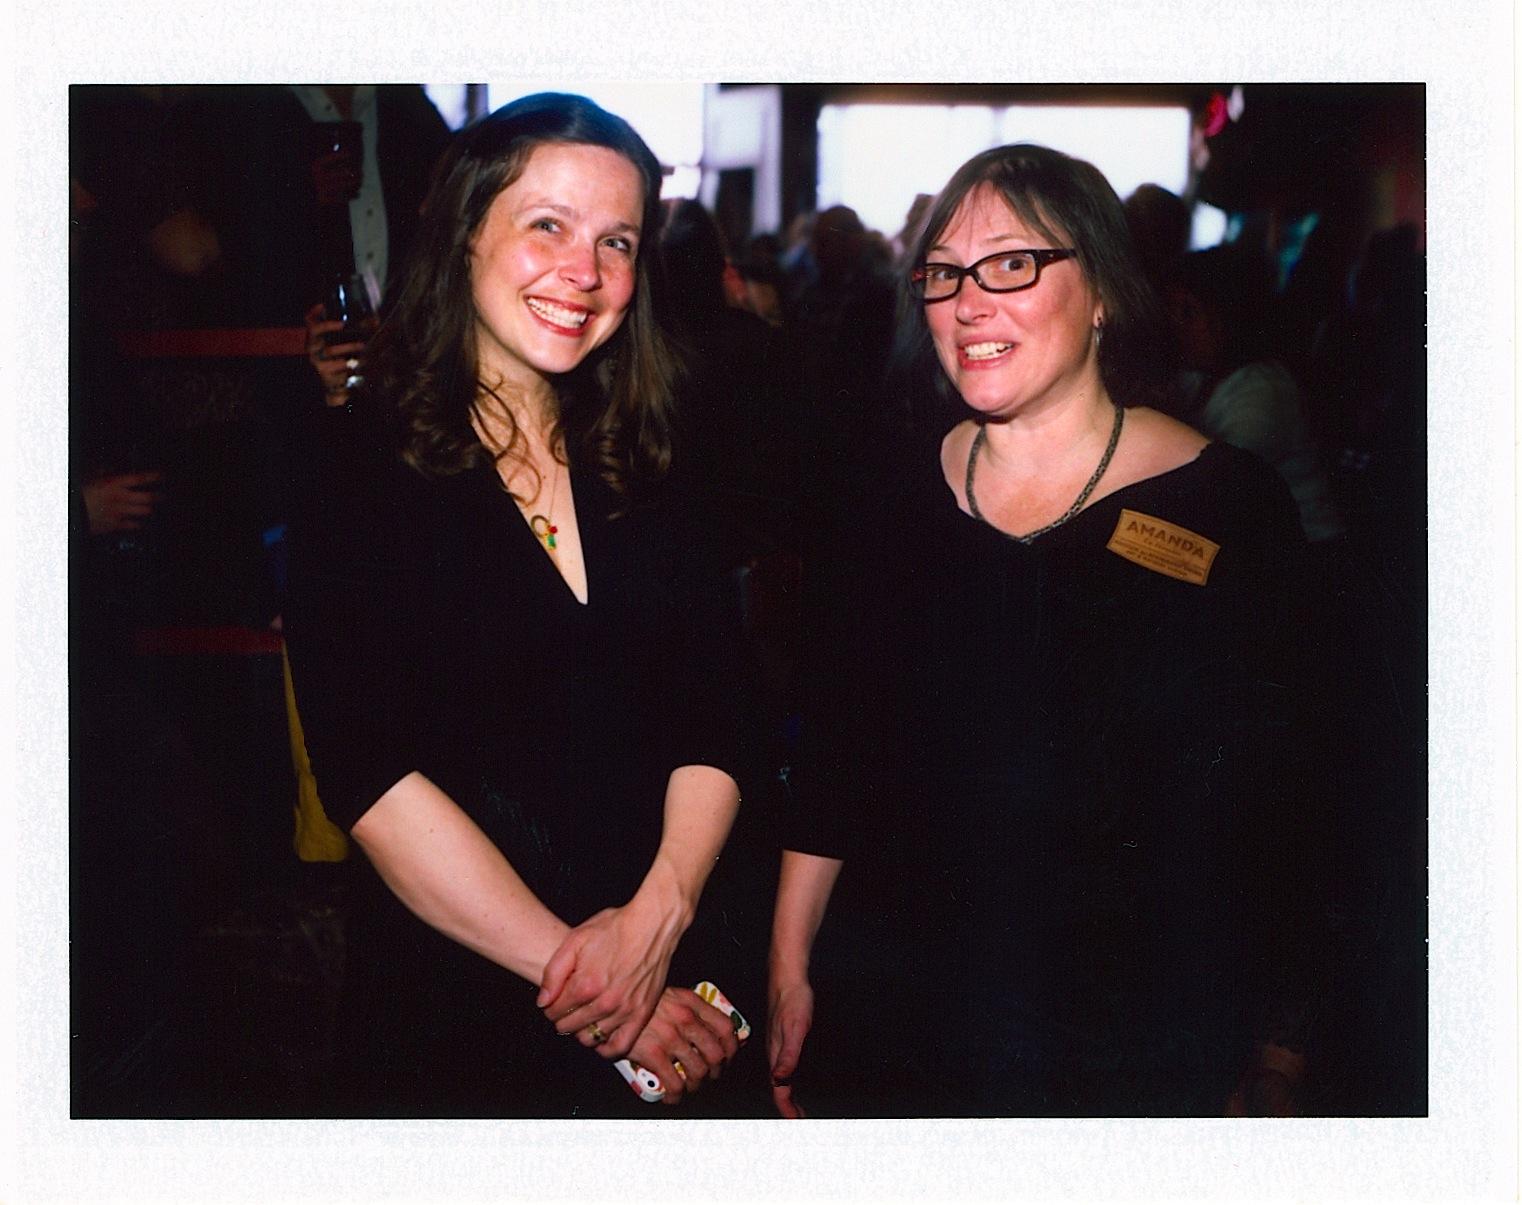 May and Amanda